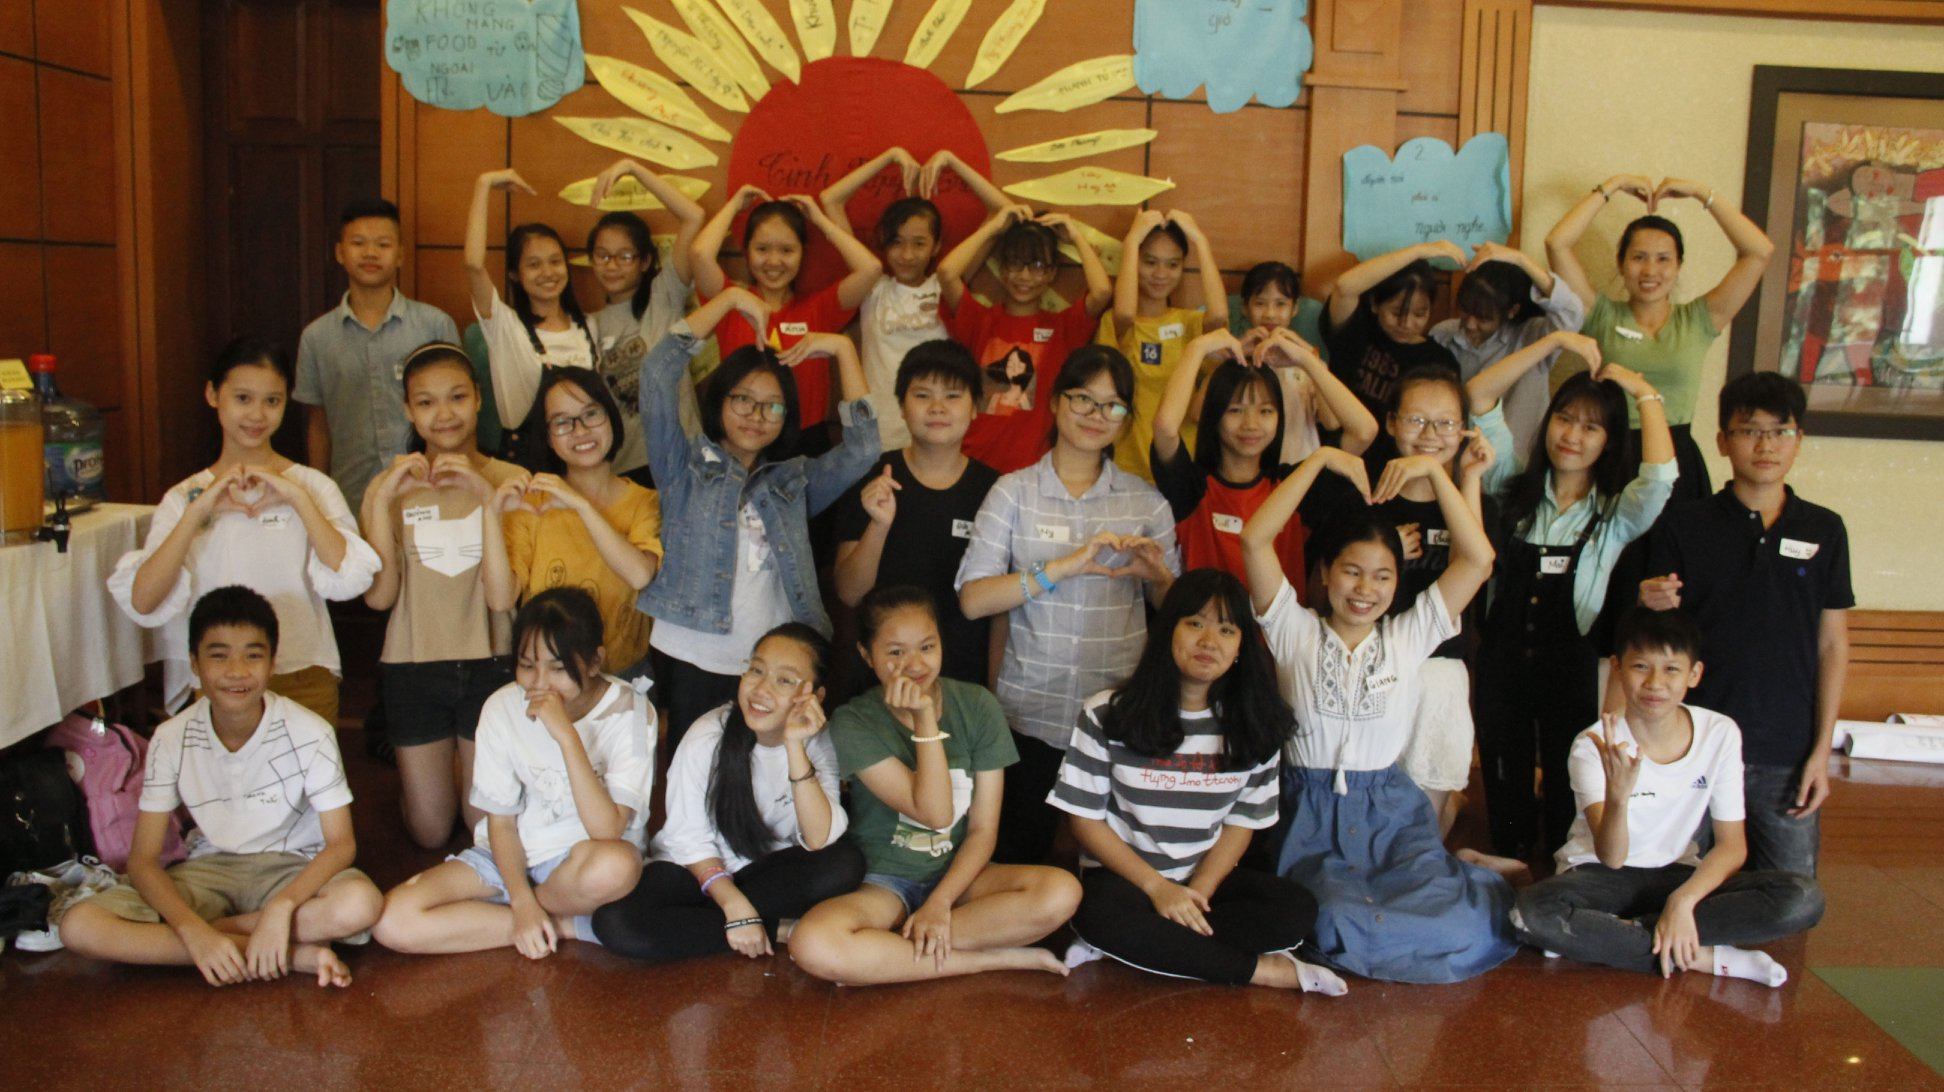 Trại hè Tình nguyện trẻ- Chia sẻ, gắn kết, yêu thương